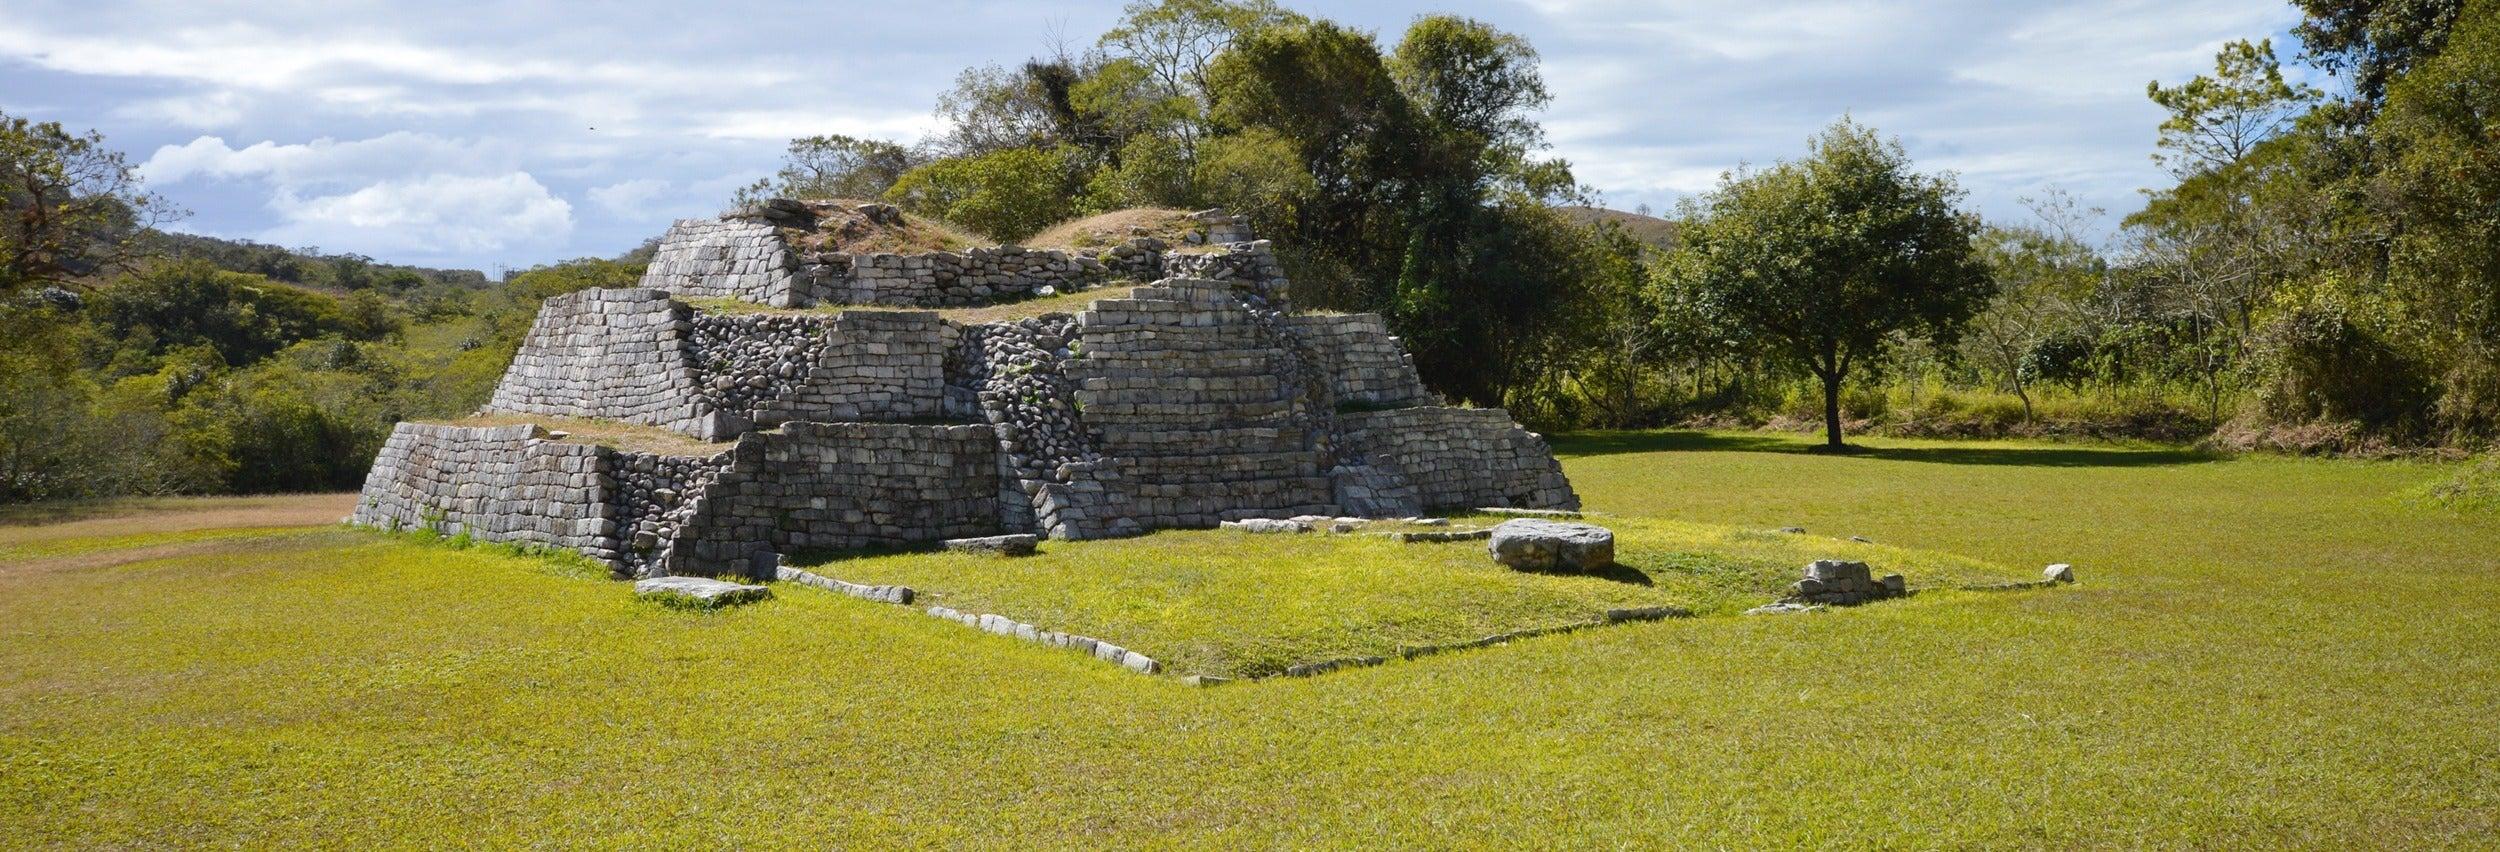 Excursión Tenam Puente, lagos de Colón y El Largartero